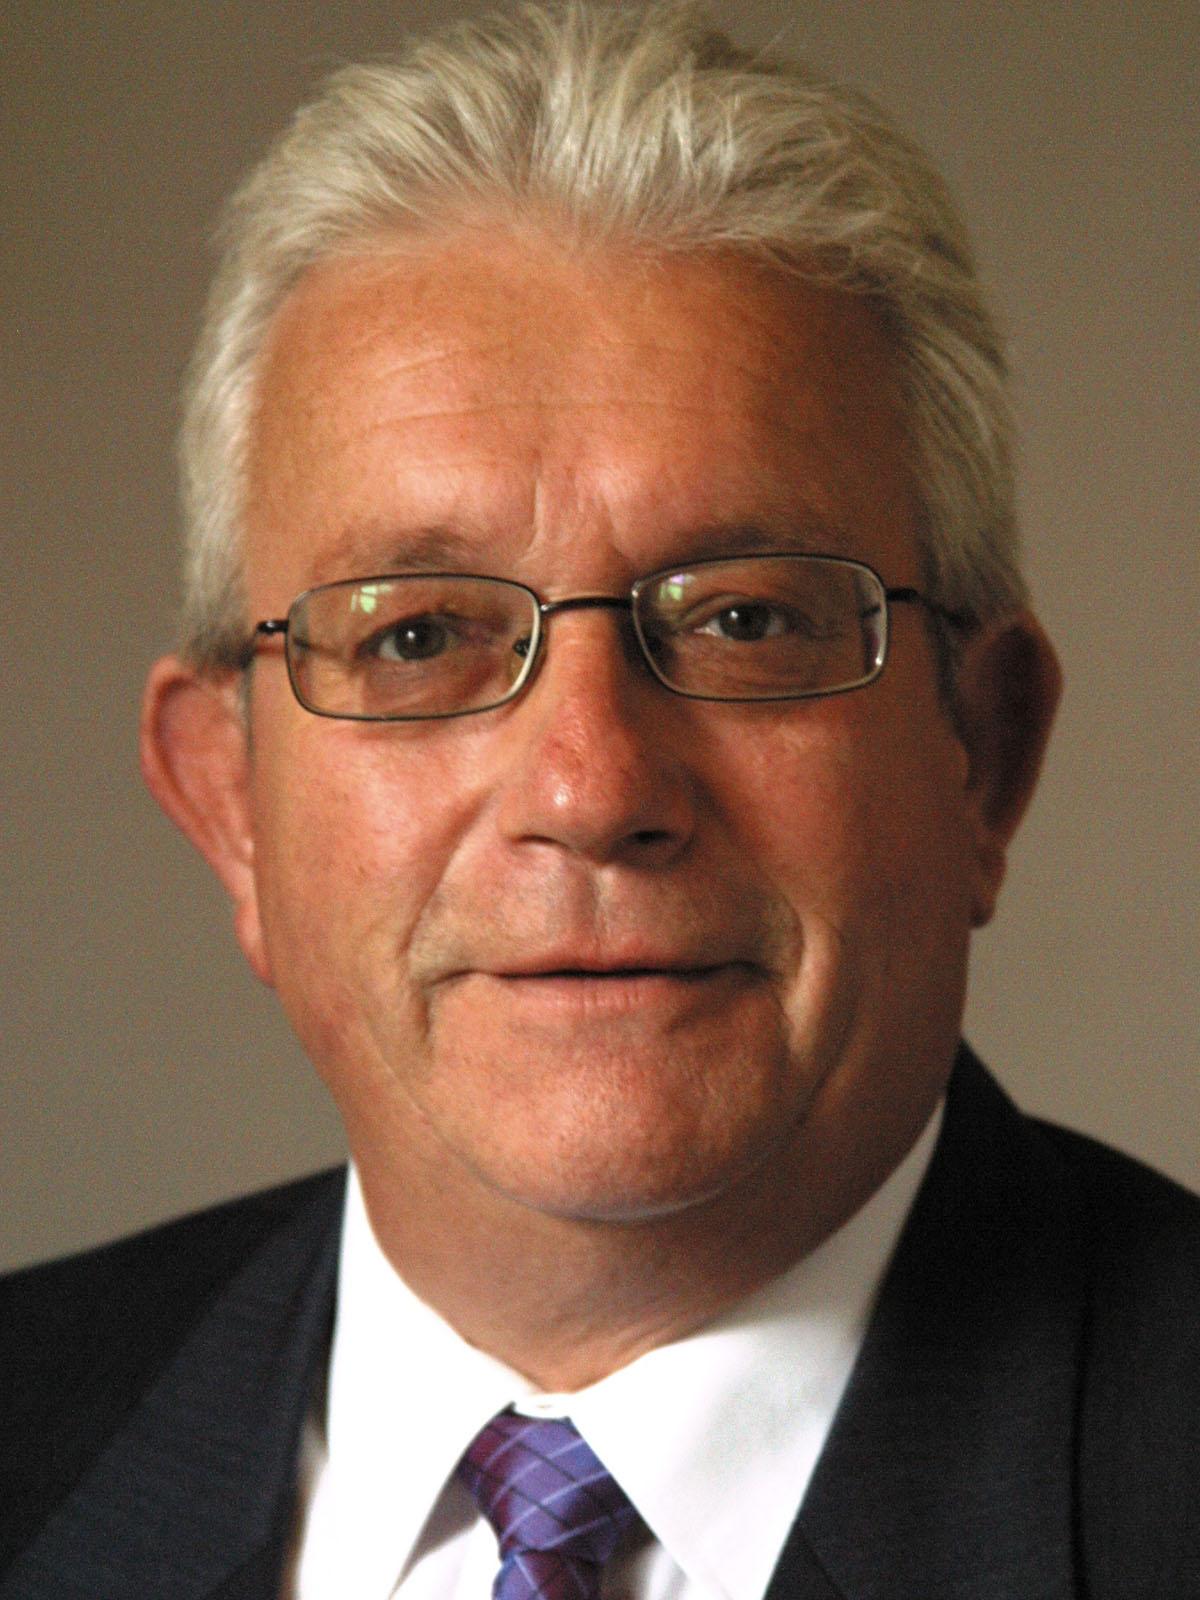 Alasdair Hartley - Financial Adviser, XL Independent Financial Advice